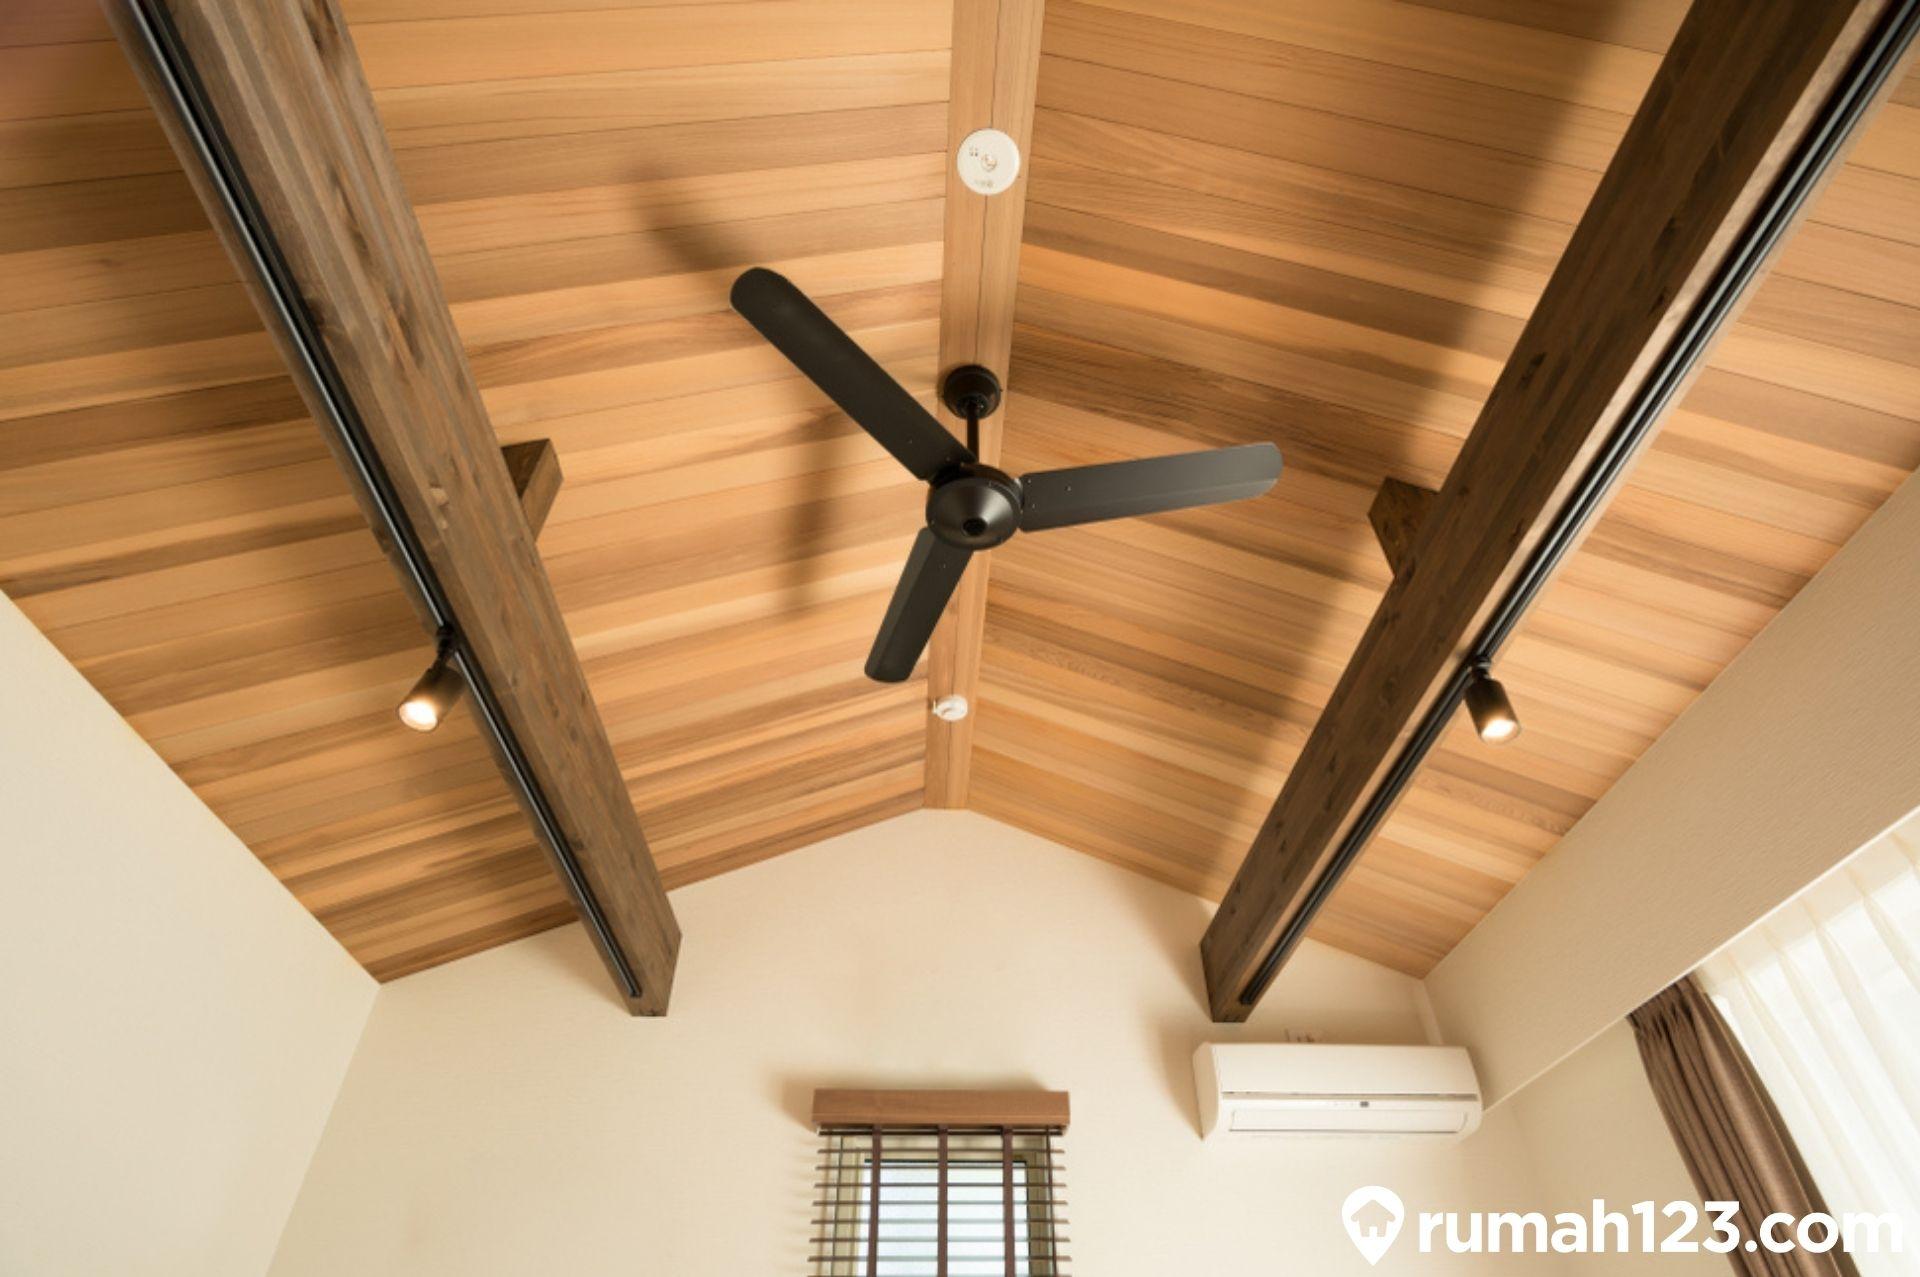 Berapa Sih Tinggi Ideal Rumah? Ini 5 Faktor untuk Menentukan Ketinggian Plafon Hunian